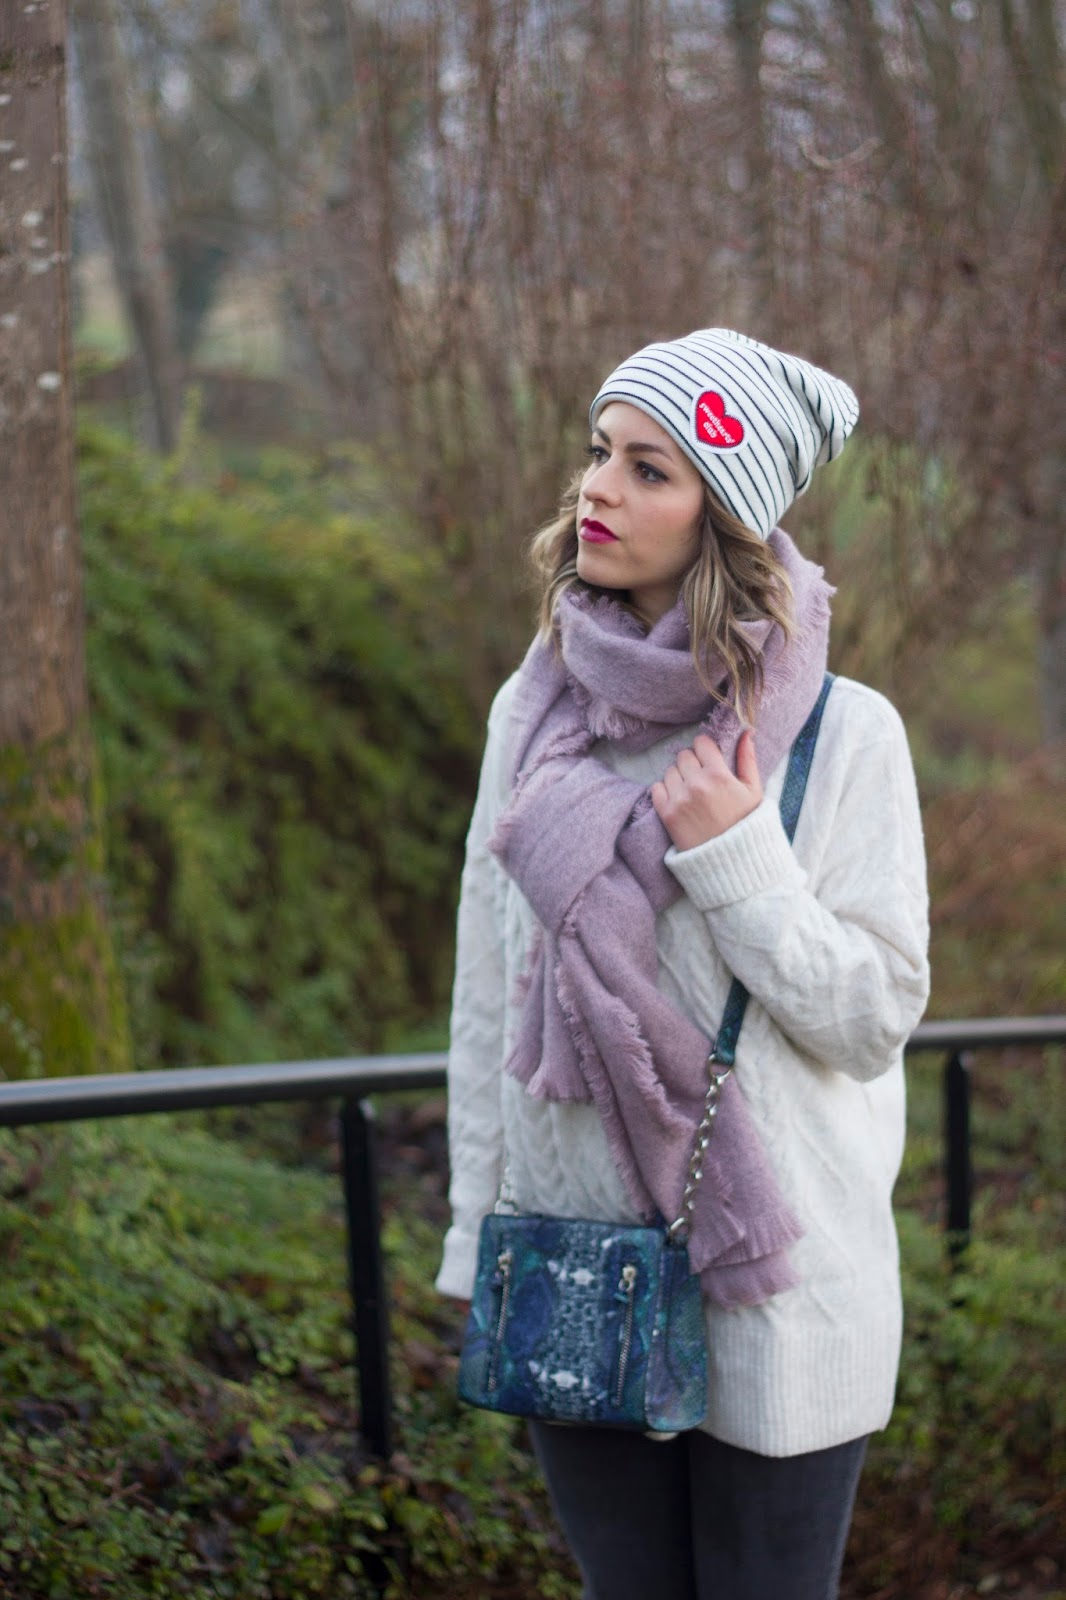 comment-rehausser-tenue-en-hiver-accessoires e688b11201f